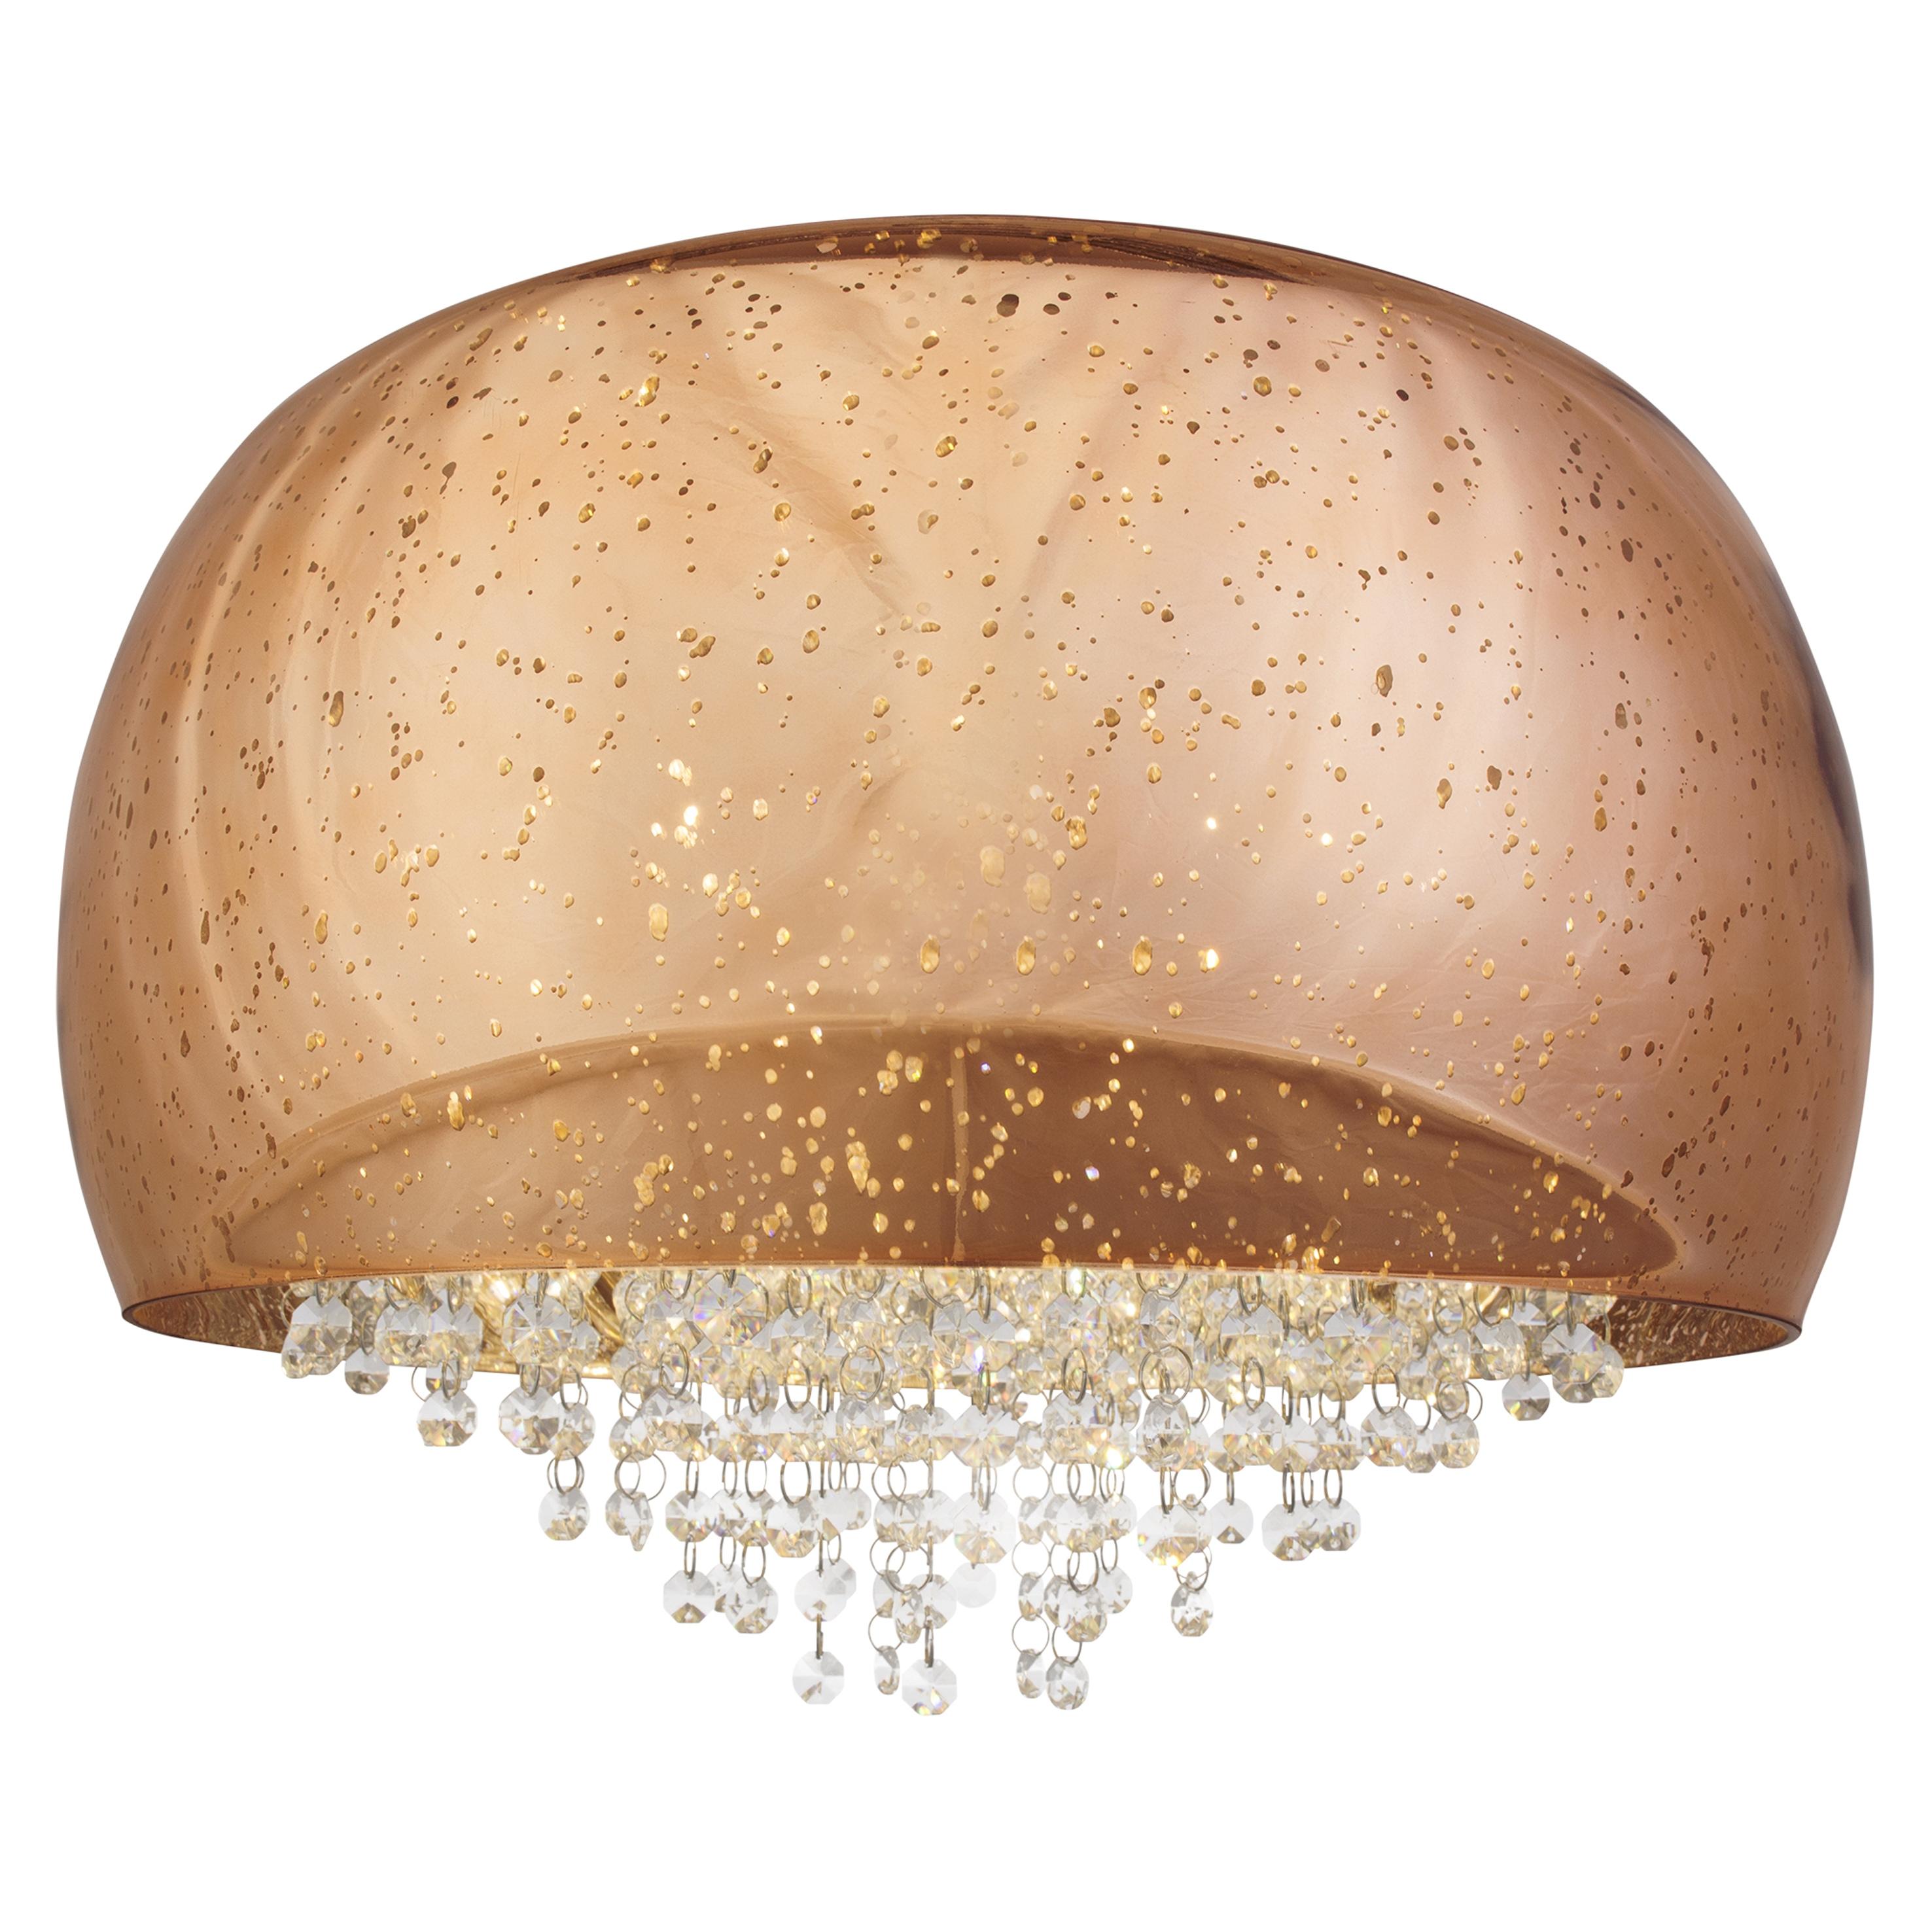 Brilliant Leuchten Brilliance Deckenleuchte 50cm kupfer/chrom